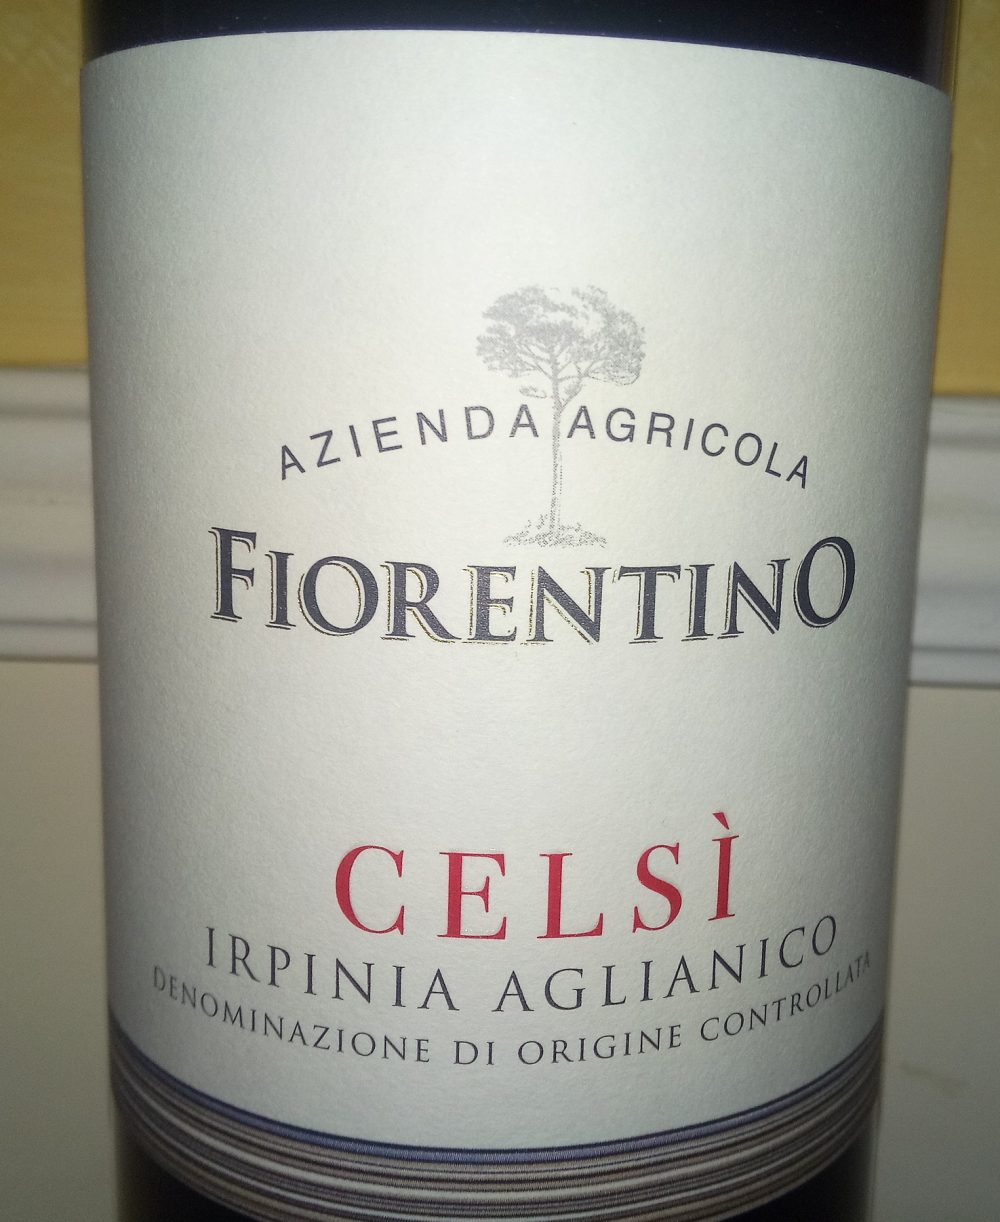 Celsi' Irpinia Aglianico Doc 2013 Fiorentino